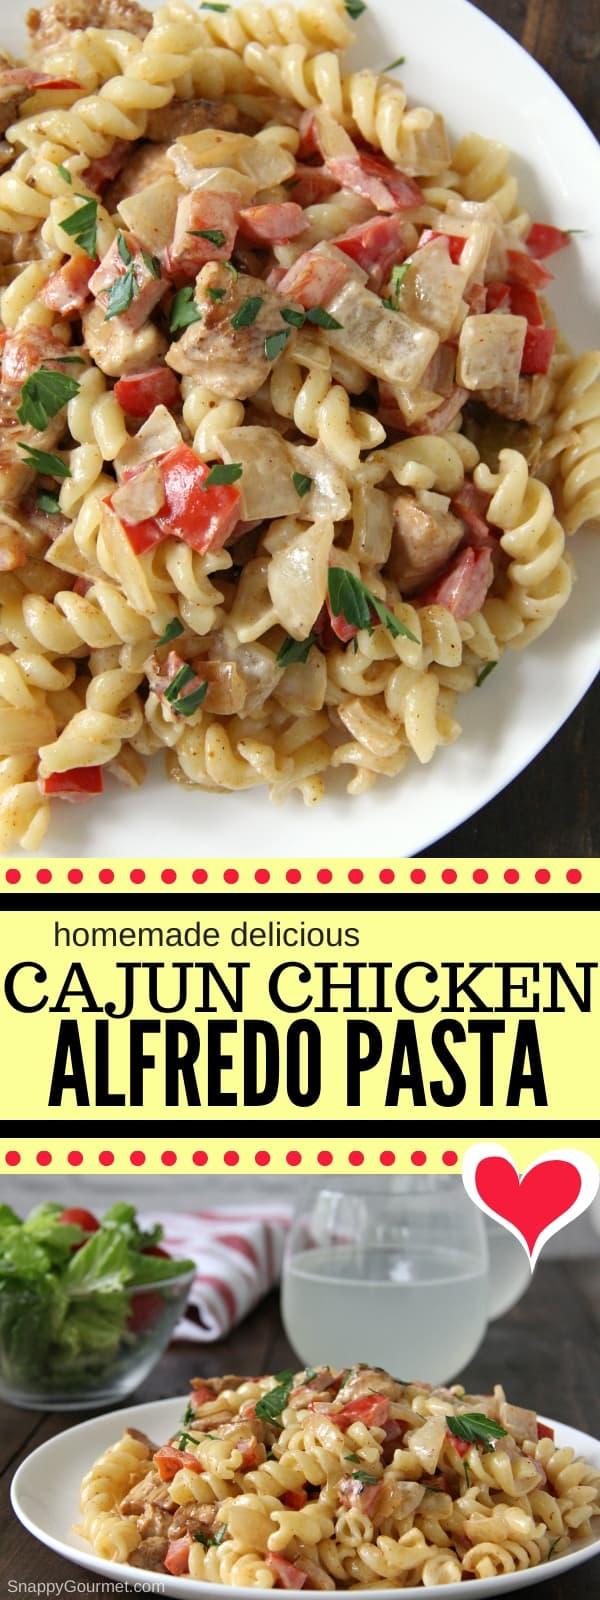 Cajun Chicken Alfredo Pasta recipe collage